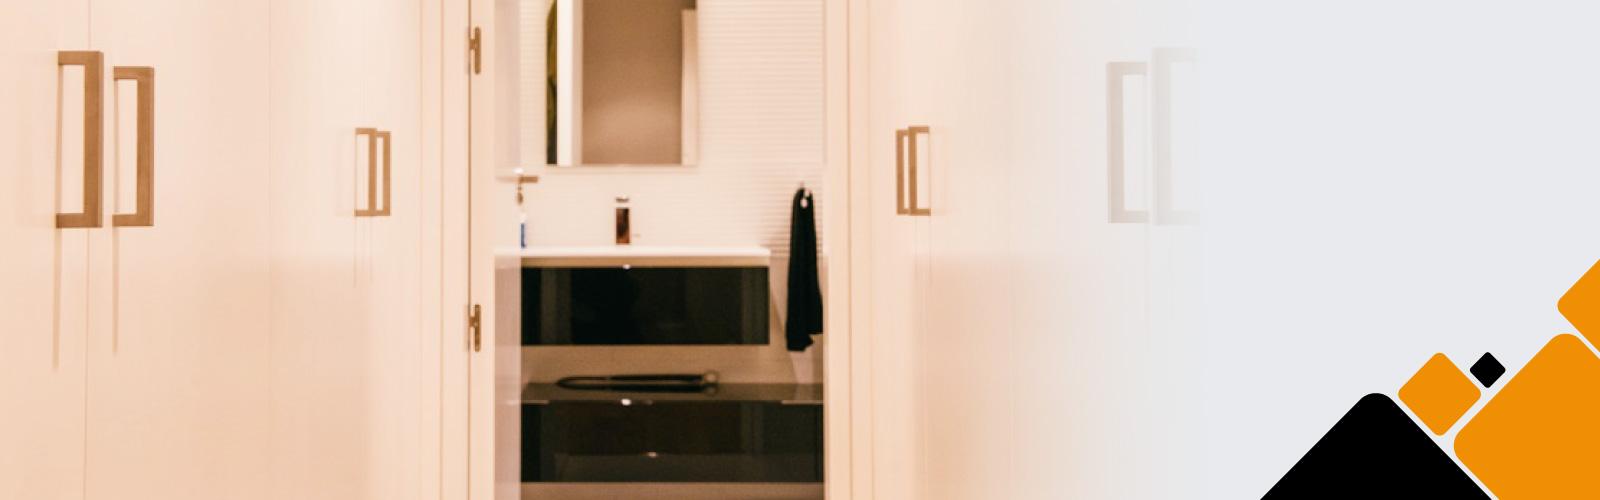 Reforma integral de un piso y cuanto cuesta reformar una casa for Cuanto vale reformar una casa